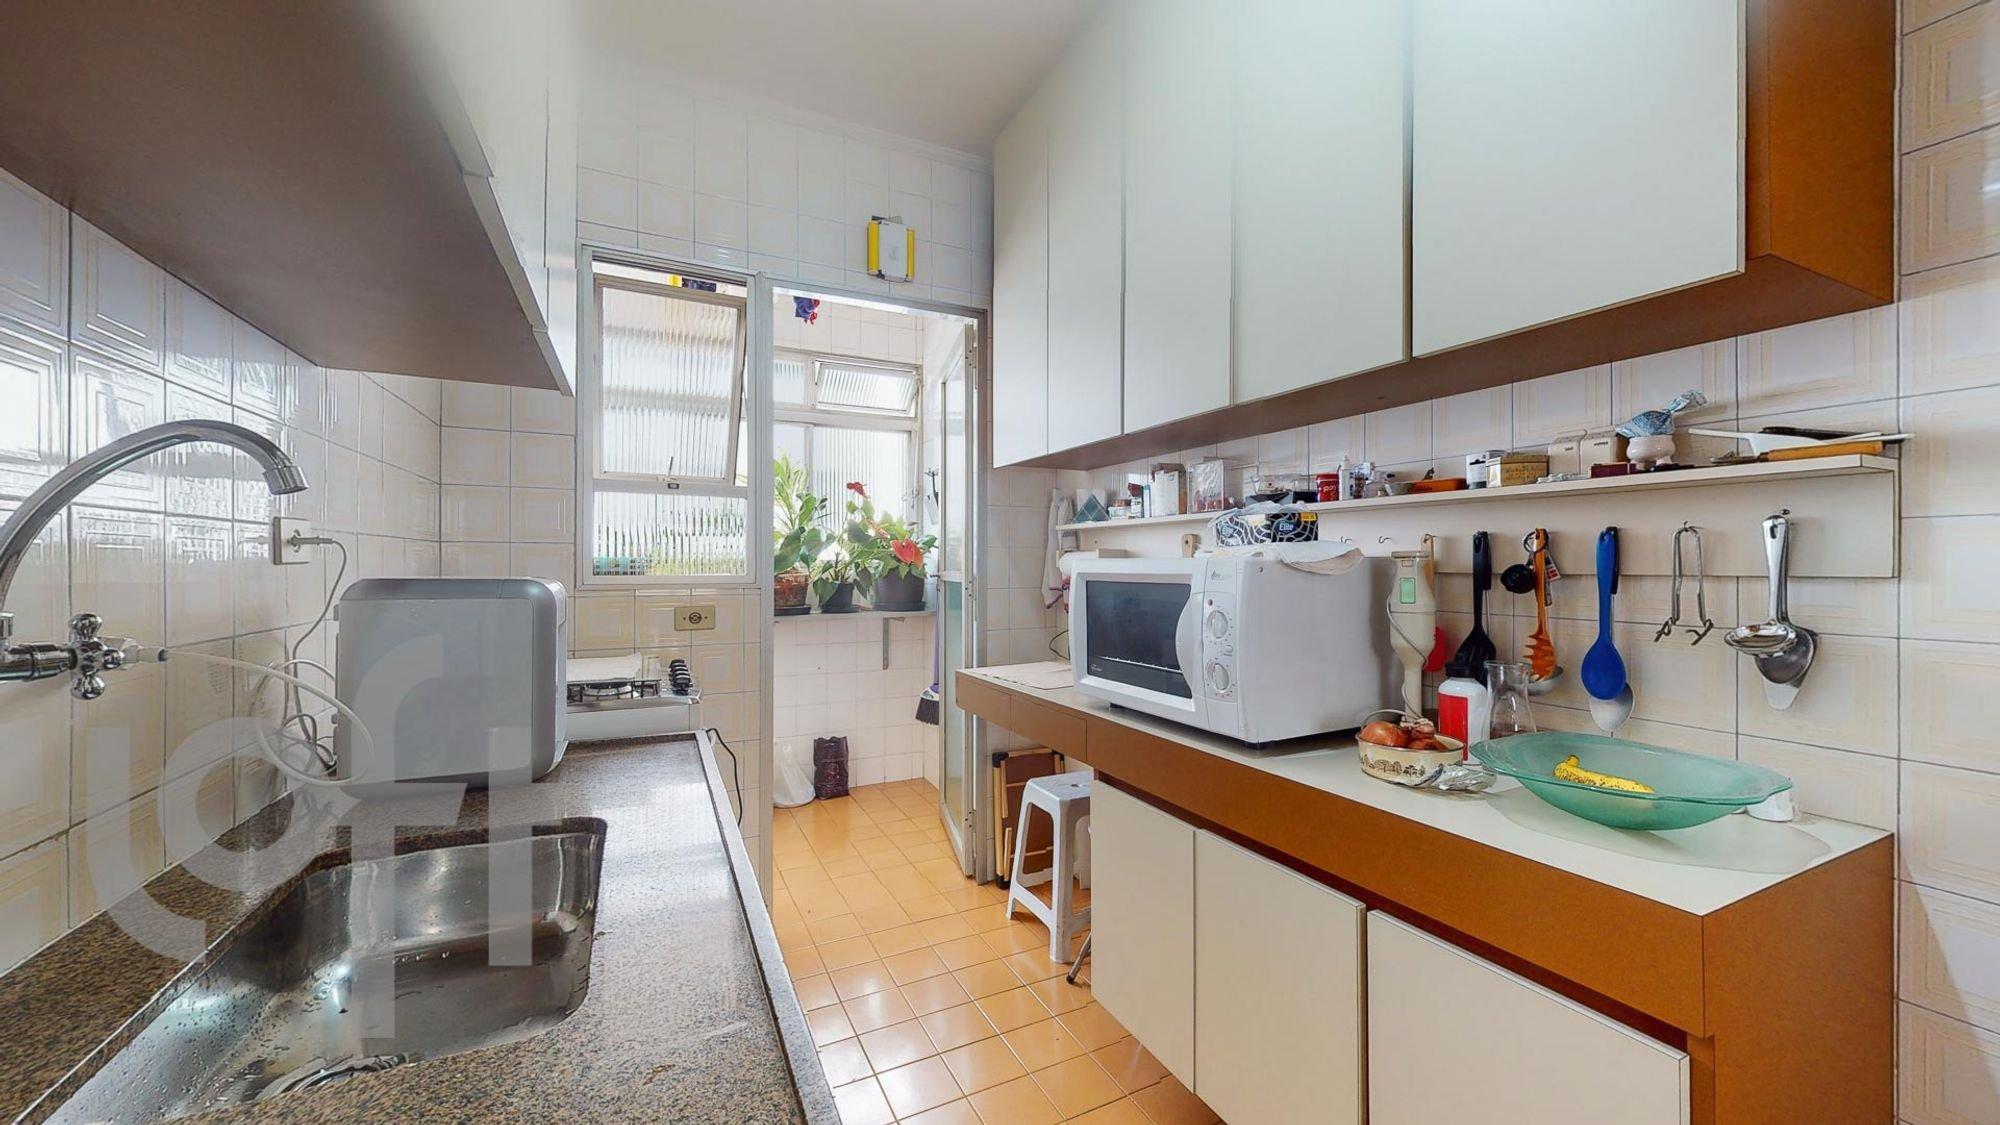 Foto de Cozinha com vaso de planta, colher, tigela, microondas